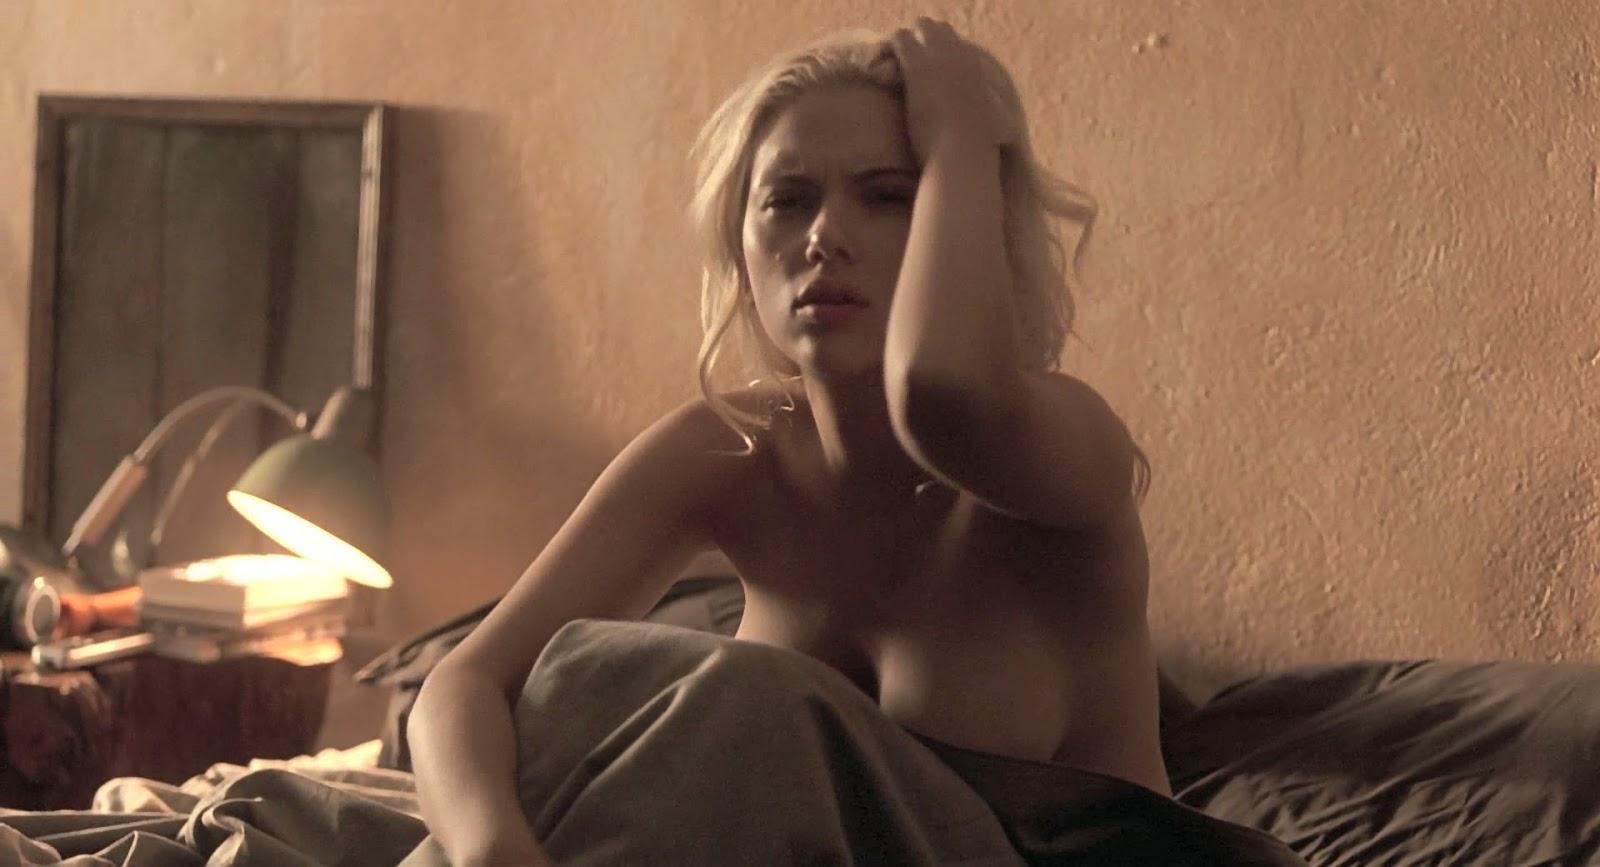 scarlett johansson naked sex breasts